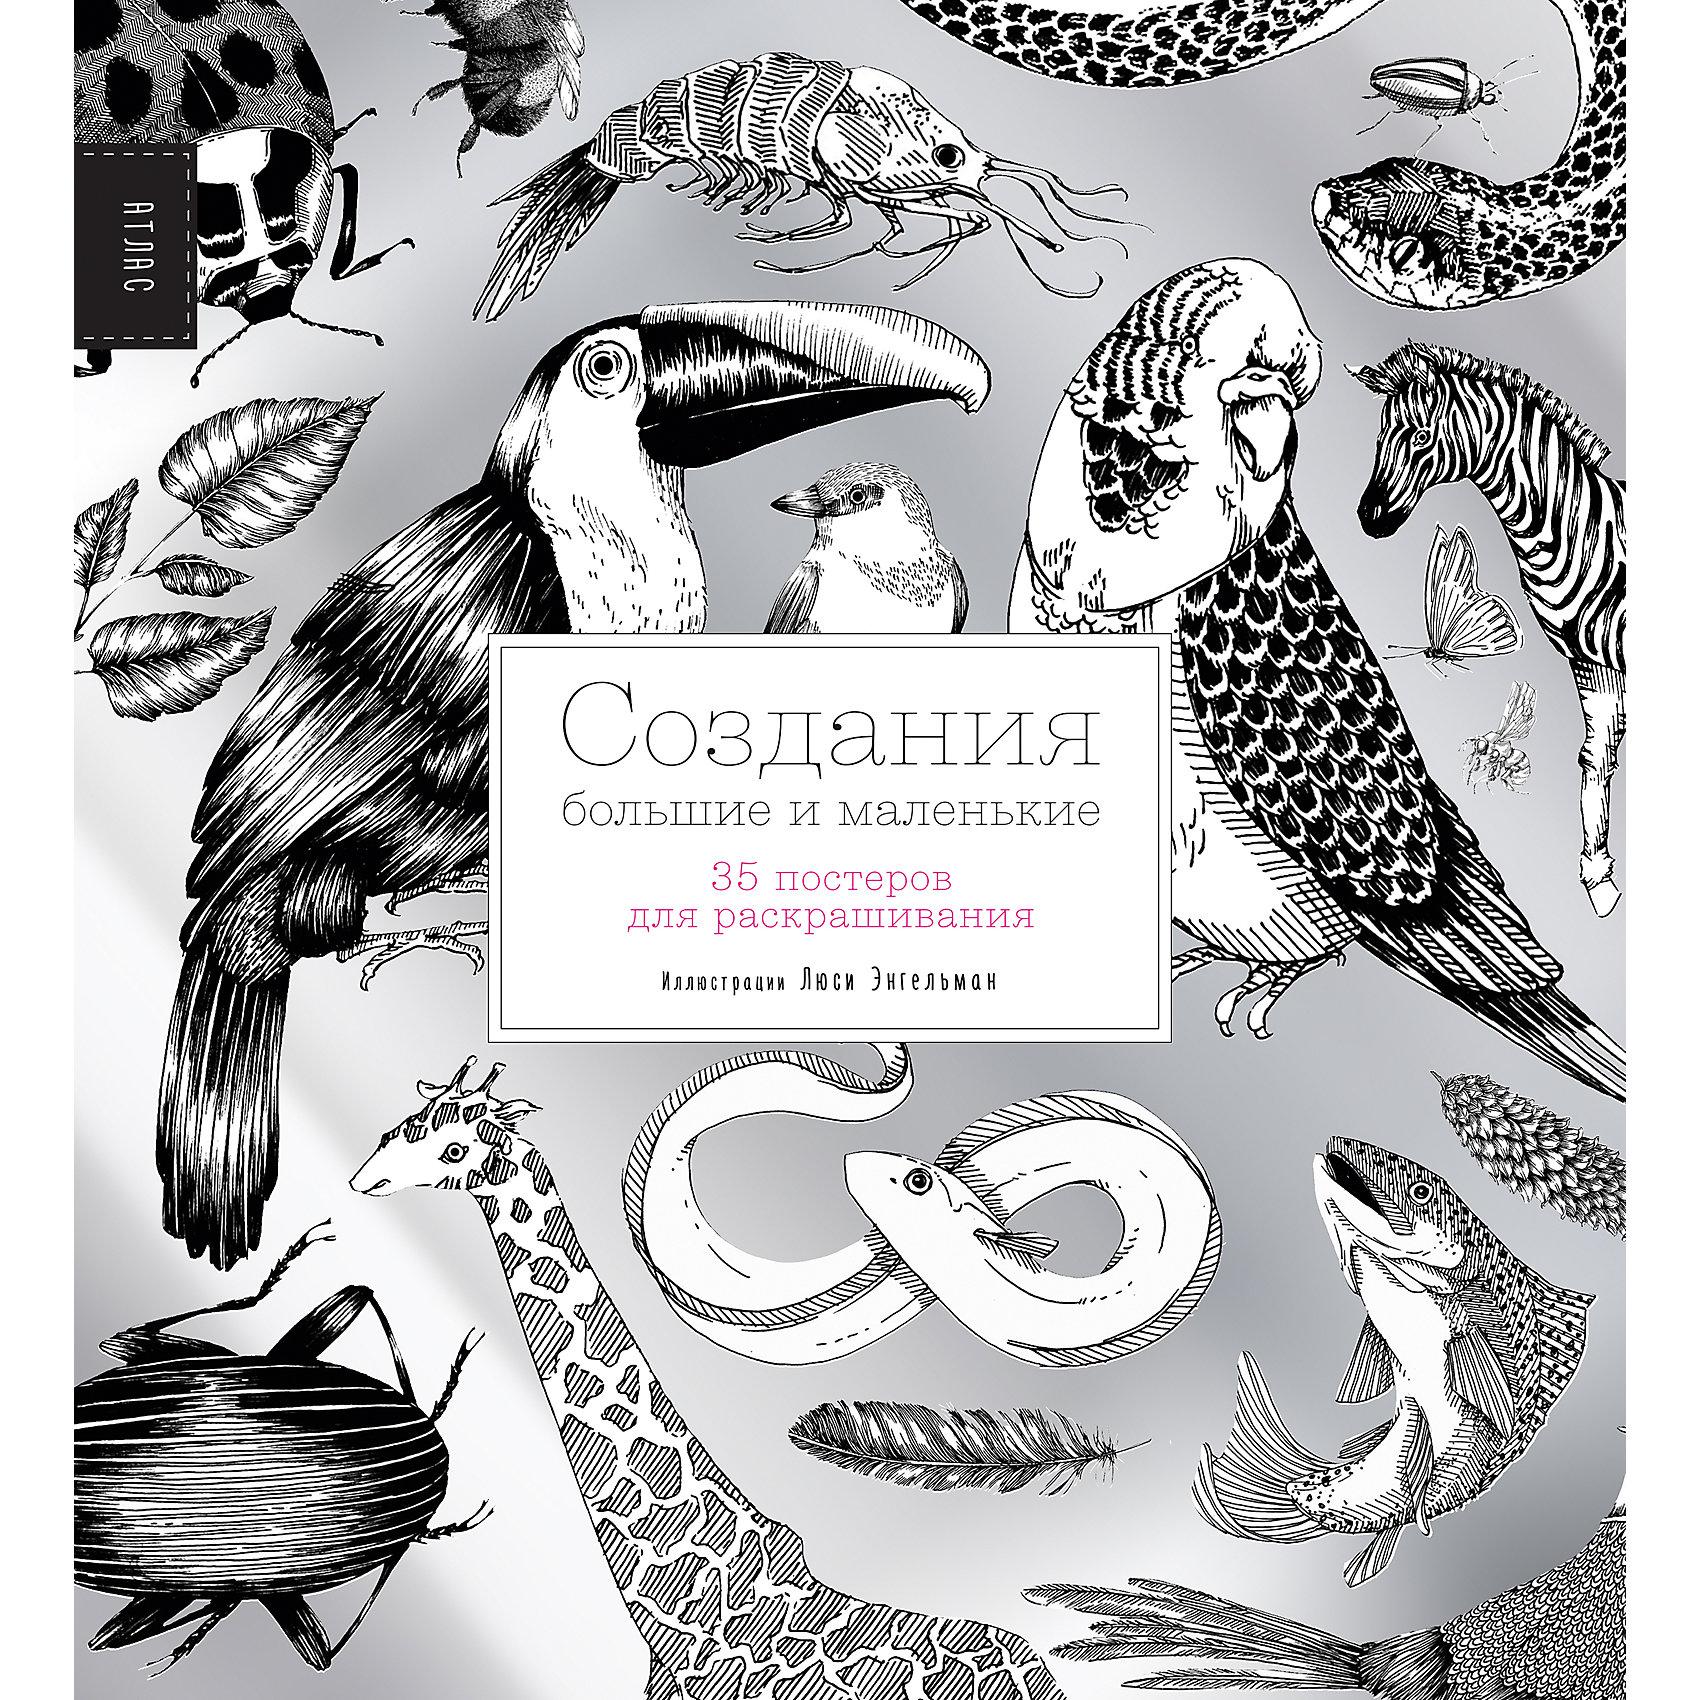 35 постеров для раскрашивания Создания большие и маленькиеРисование<br>В раскраске 35 постеров, на каждом из которых представлены животные, объединённые по определённому принципу: летающие насекомые, обитатели коралловых рифов, кошки и т.п. Каждое животное подписано. На обороте листа читатель найдёт интереснфые факты про этих животных и описание их окраса.<br><br>Ширина мм: 280<br>Глубина мм: 260<br>Высота мм: 80<br>Вес г: 664<br>Возраст от месяцев: 144<br>Возраст до месяцев: 2147483647<br>Пол: Унисекс<br>Возраст: Детский<br>SKU: 5535275